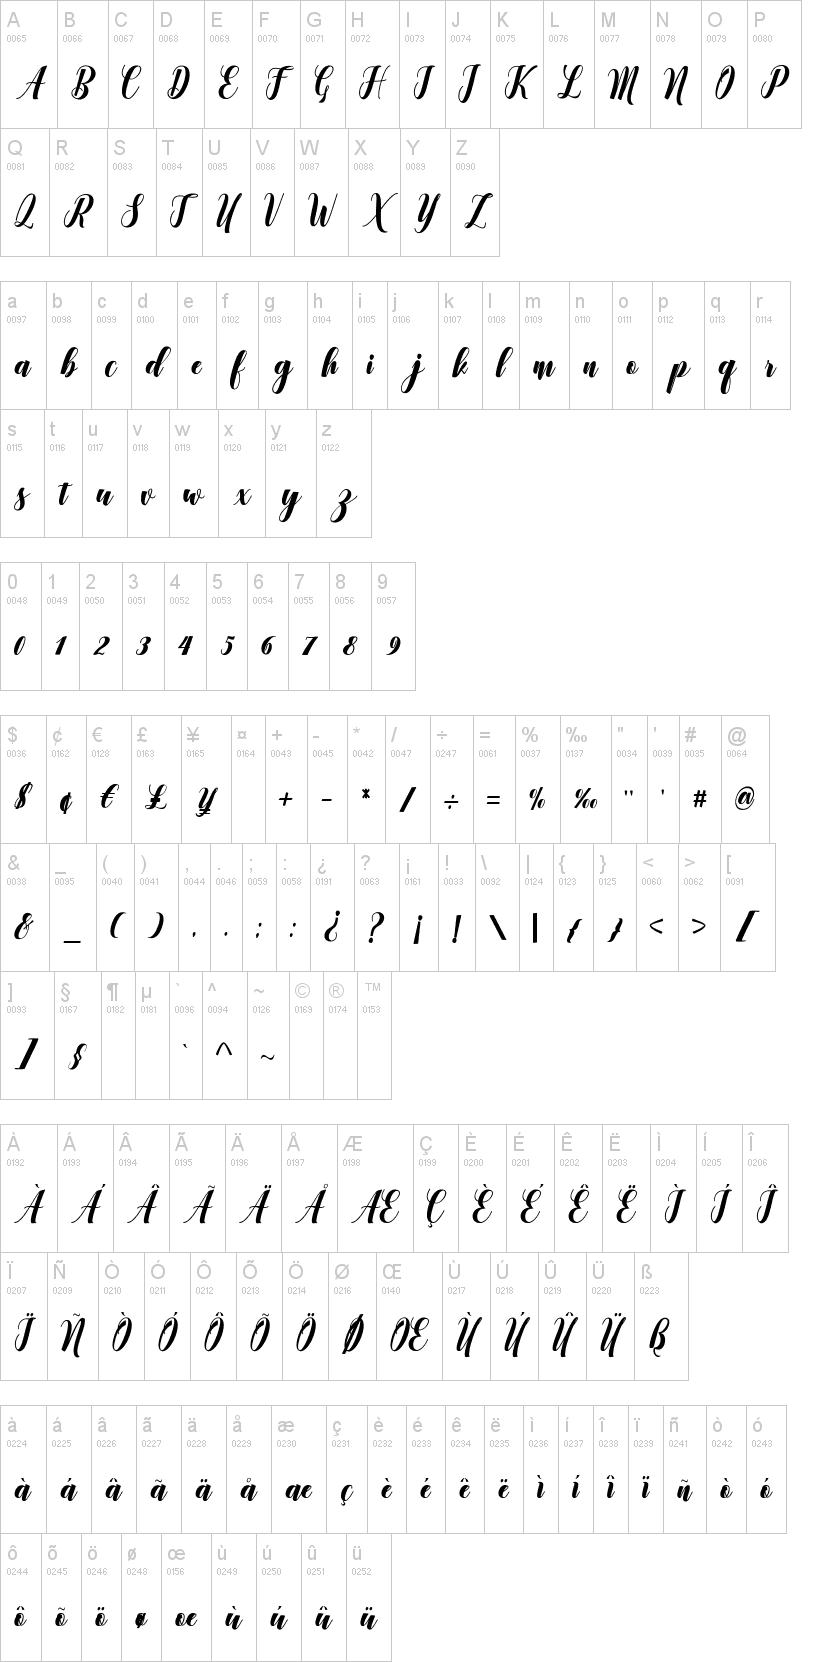 Denmahis Font-1